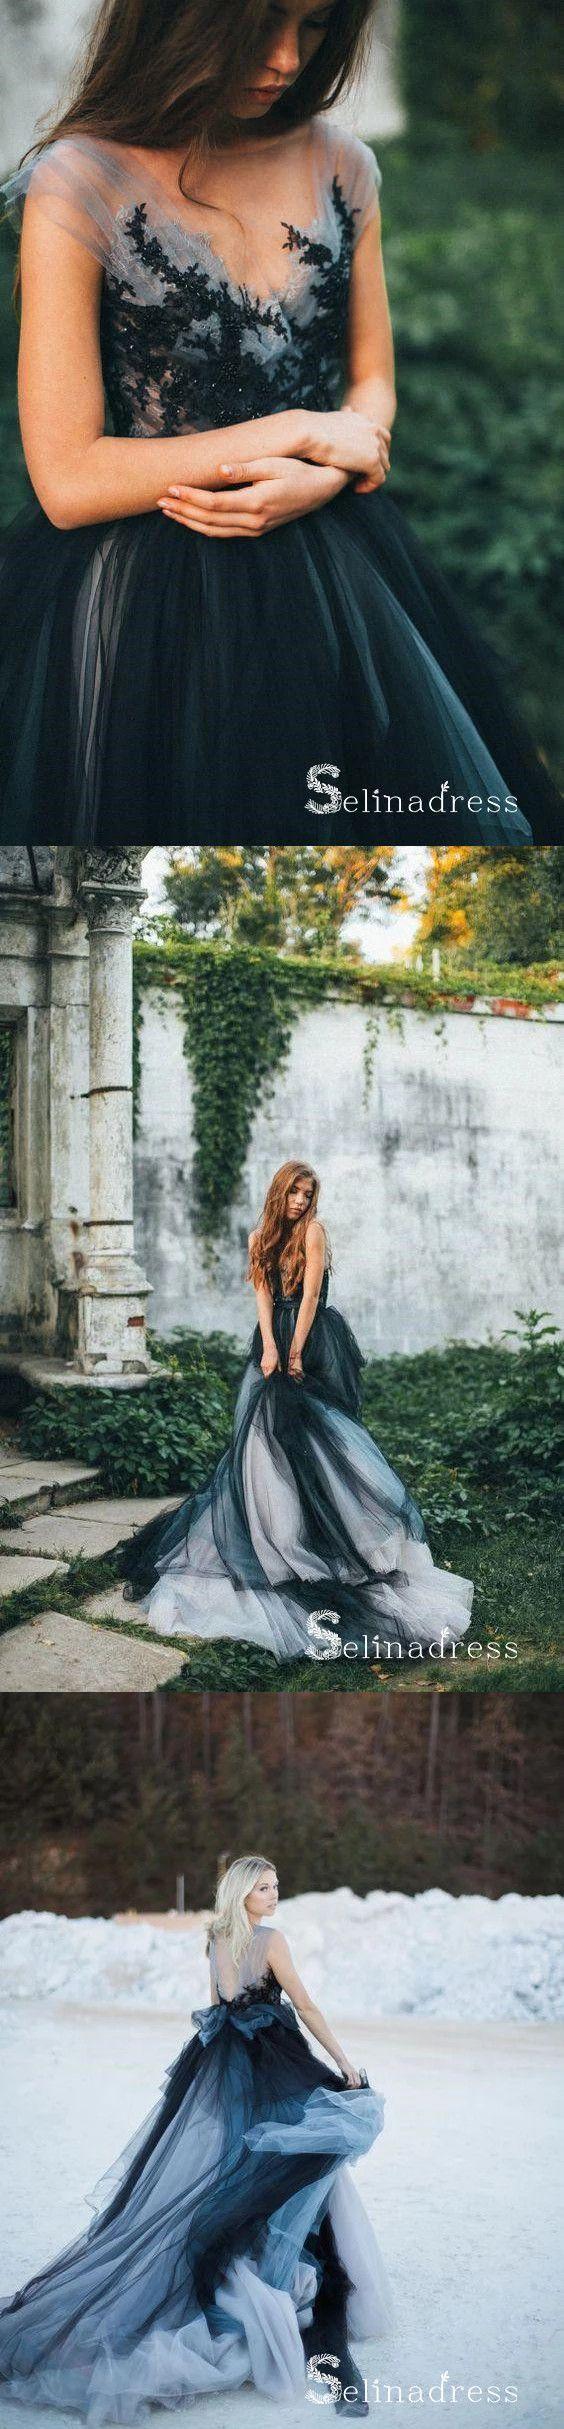 Romantic Black Wedding Dresses Modest Long Train Lace Ombre Wedding Gown Sew030 Black Lace Wedding Dress Tulle Evening Dress Black Lace Wedding [ 2429 x 564 Pixel ]